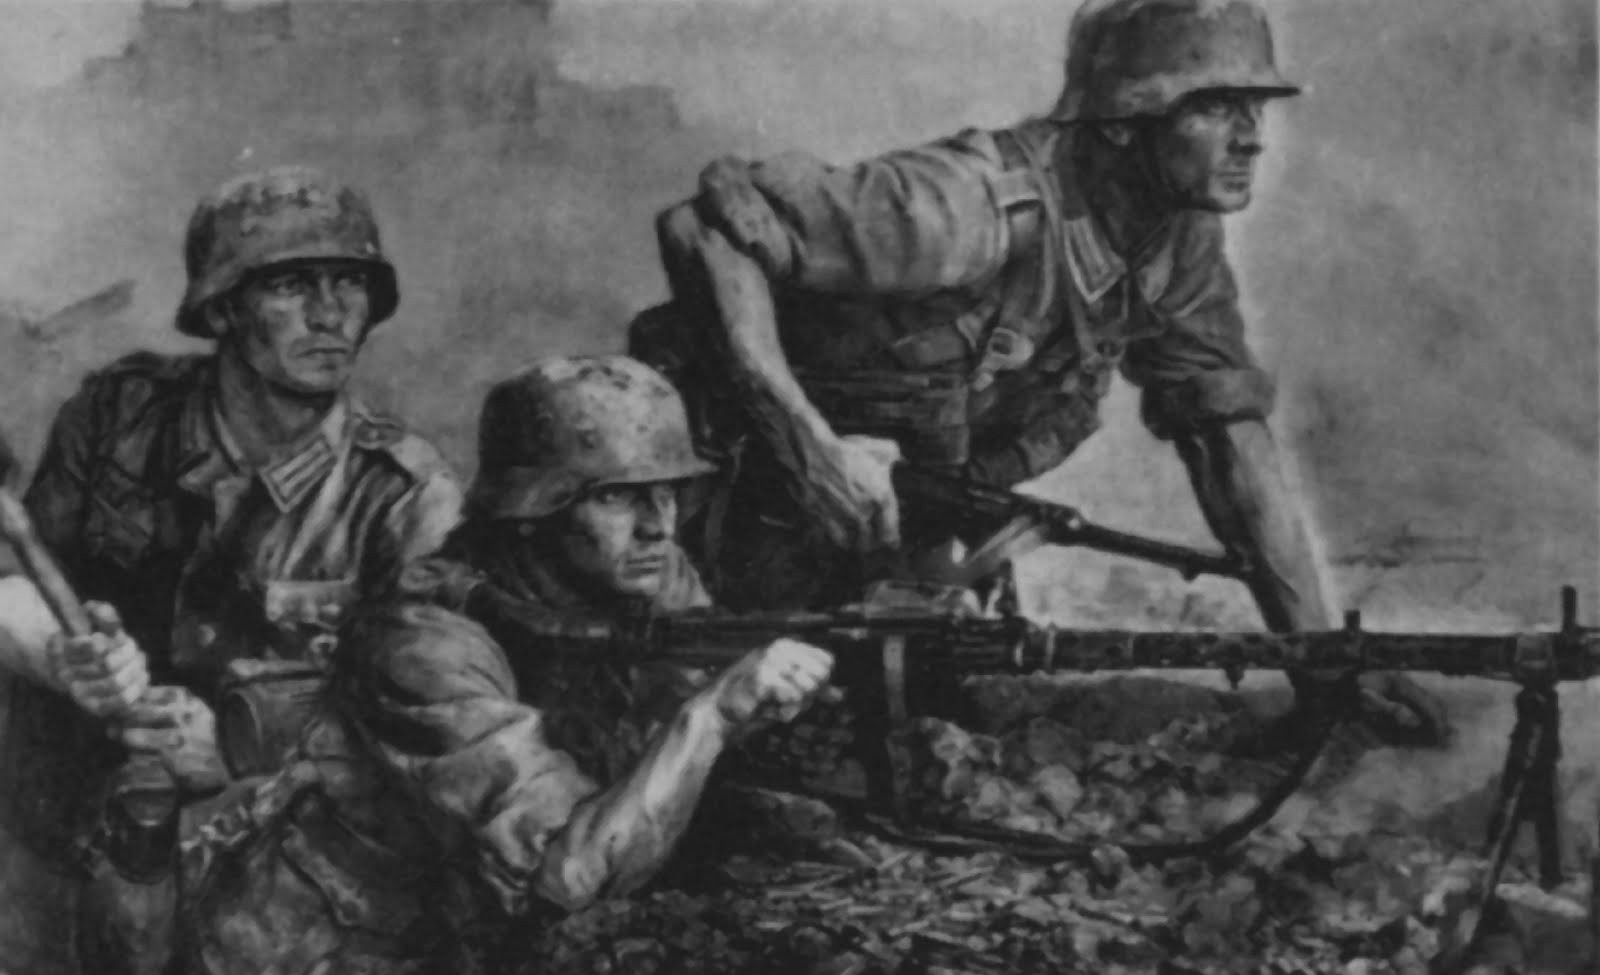 Ss Haarschnitt  Image Wehrmacht Deadliest Fiction Wiki